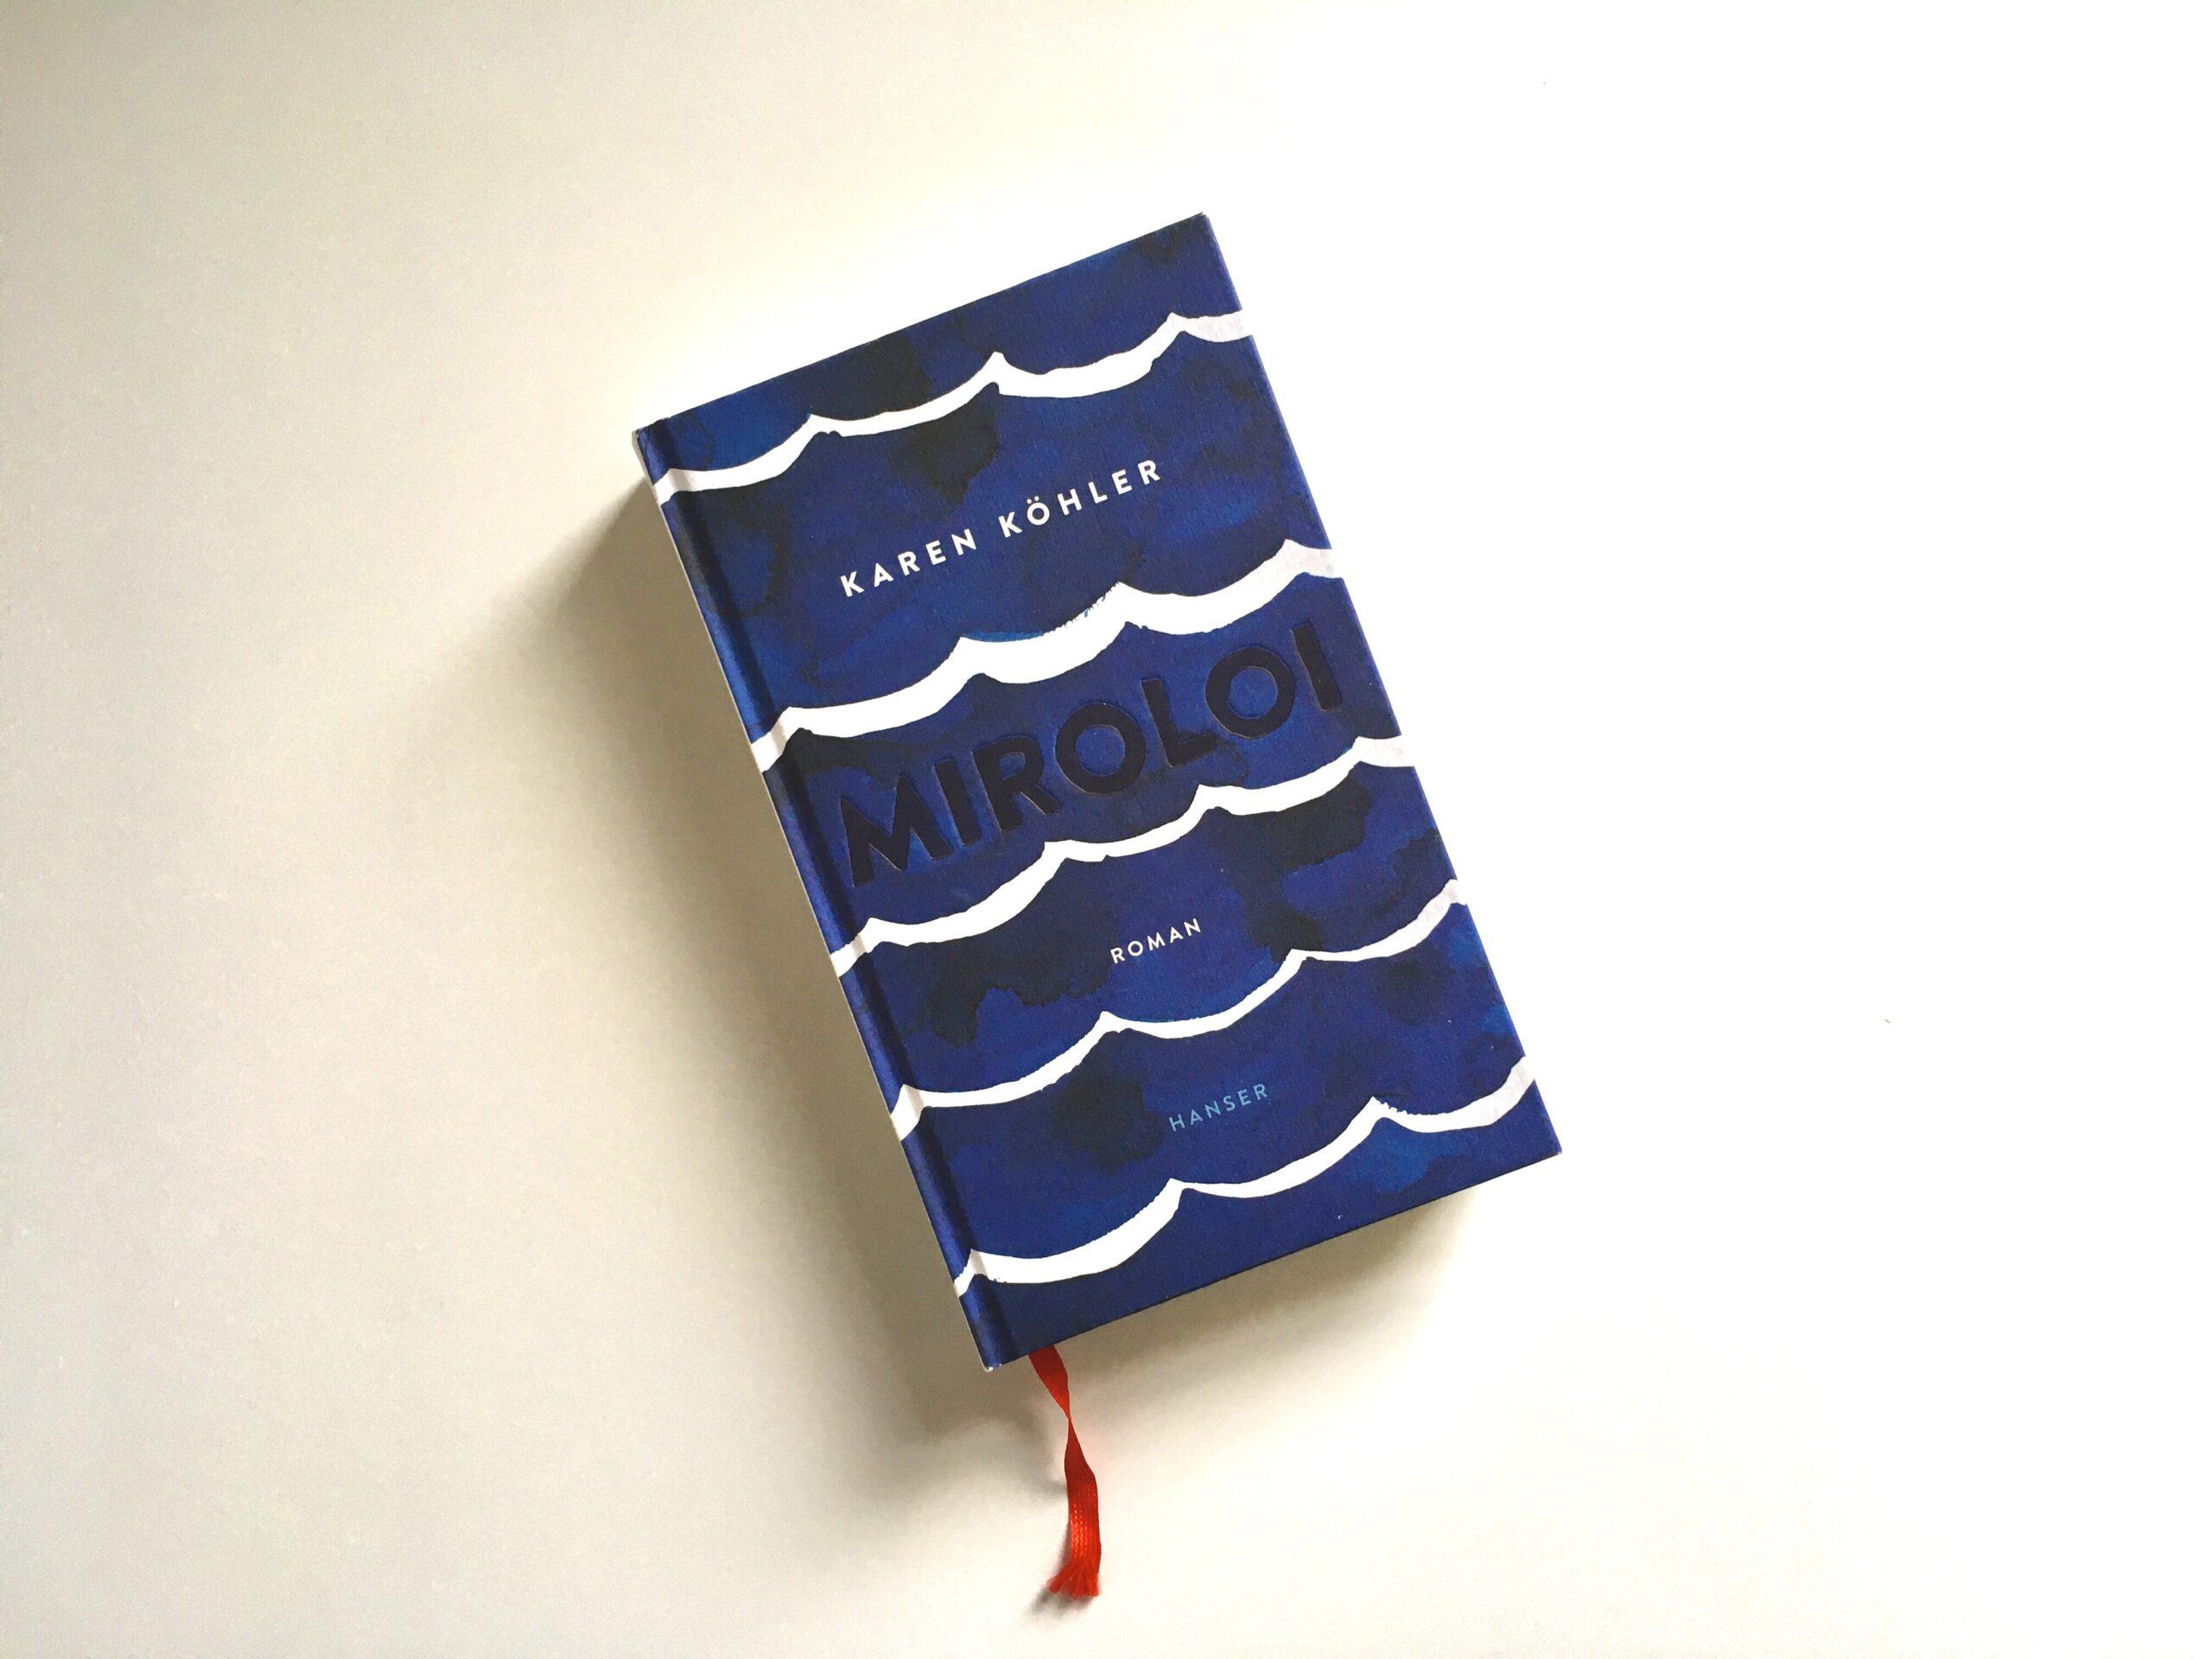 Karen Köhler: Miroloi (Buch)